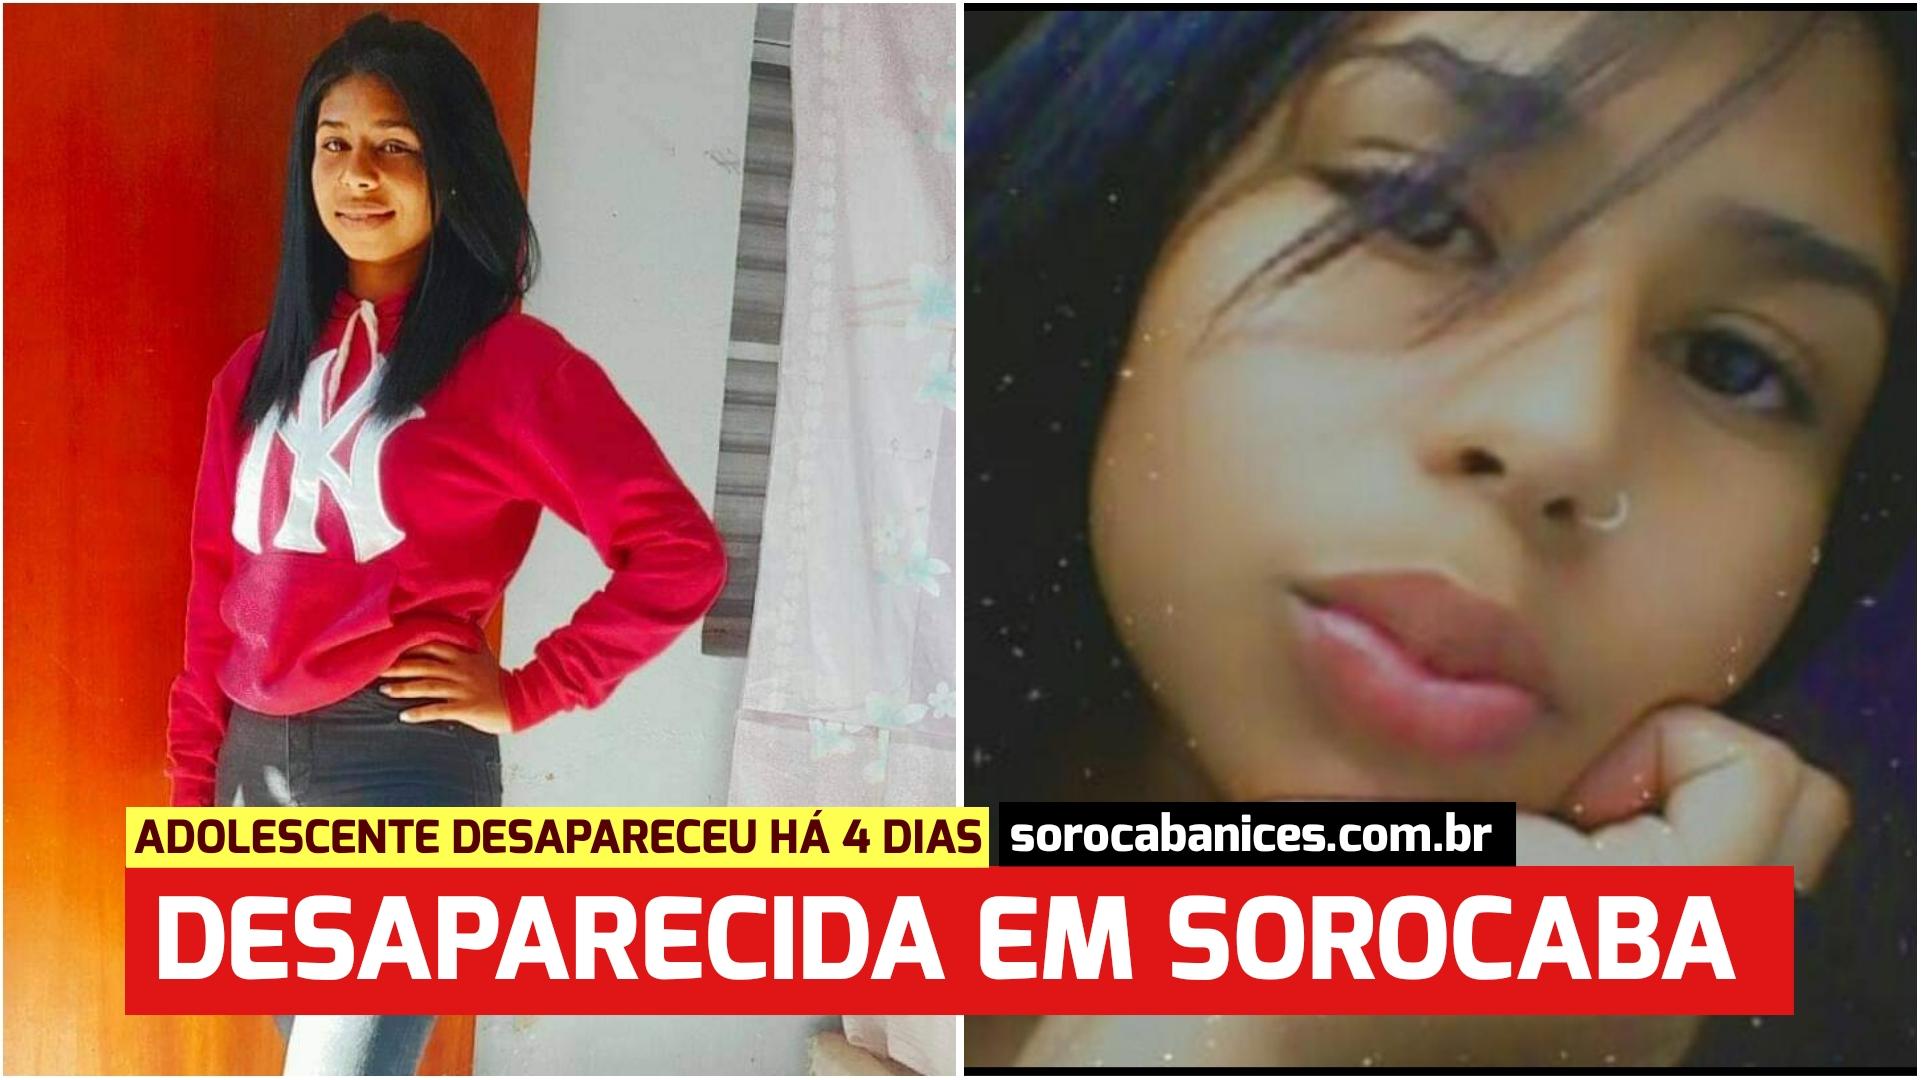 Adolescente de 15 anos já está desaparecida há 5 dias em Sorocaba